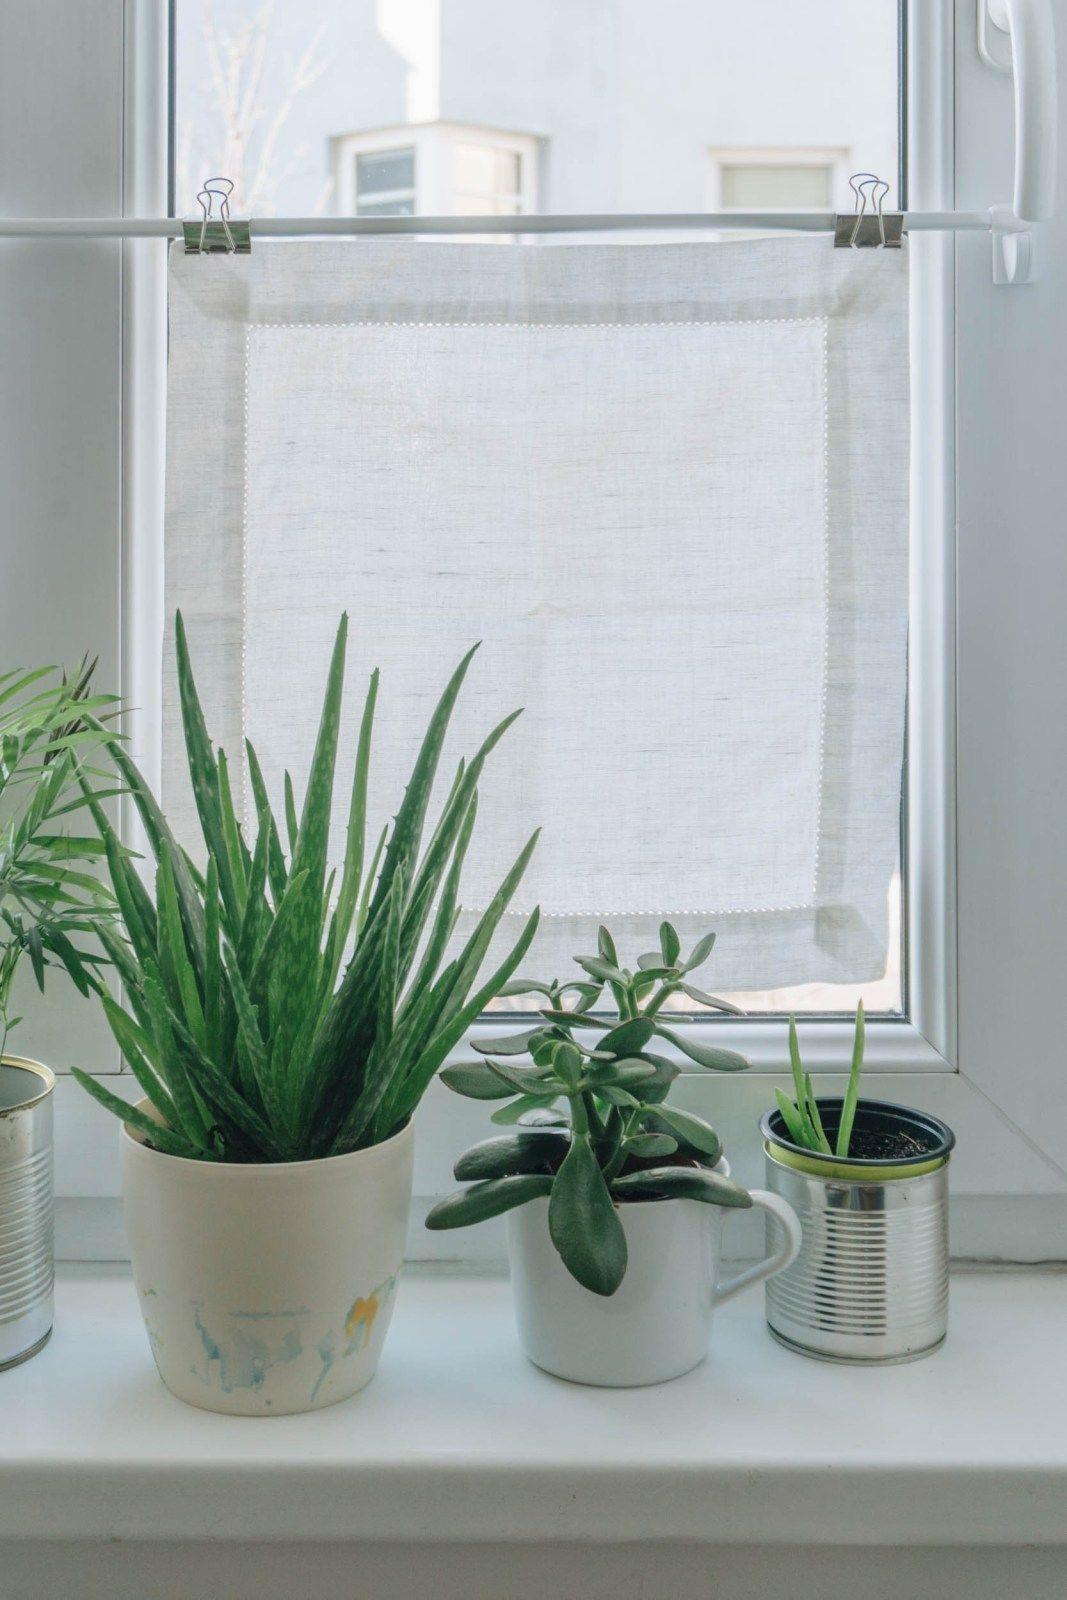 Diy Living Room Diy Mini Window Curtains As Privacy Screens The Diy Lifestyle Magazine Curtains Diy Lifestyle Diy Wohnzimmer Sichtschutz Fenster Vorhange